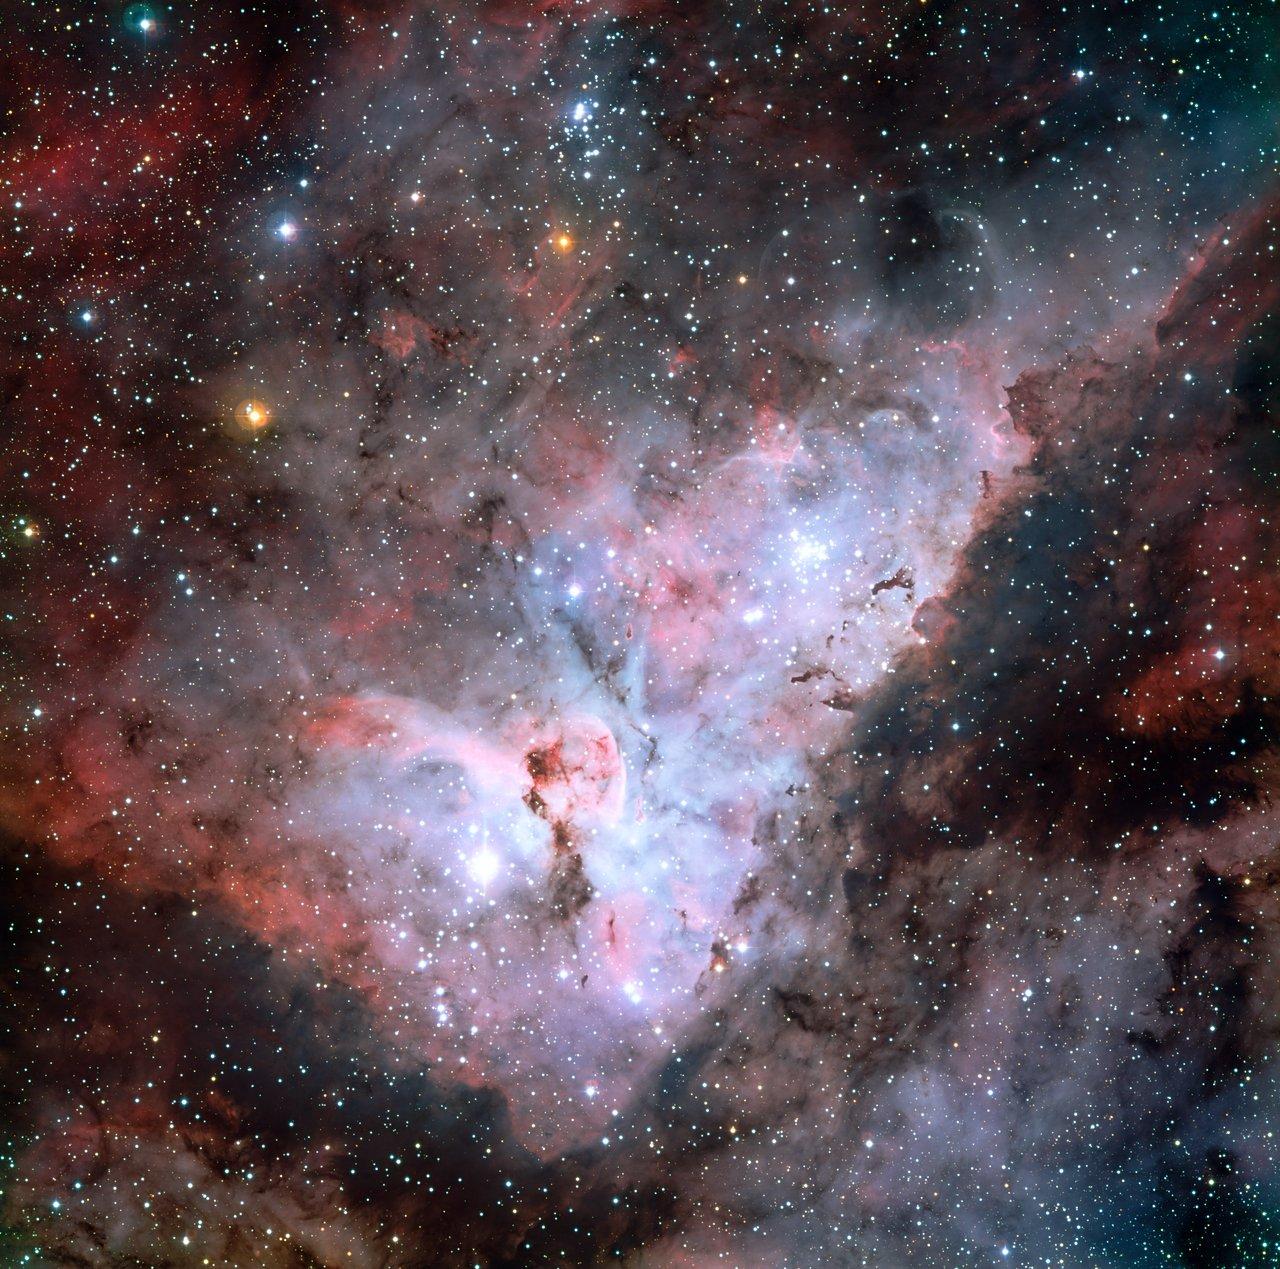 Mounted image 034: The Carina Nebula